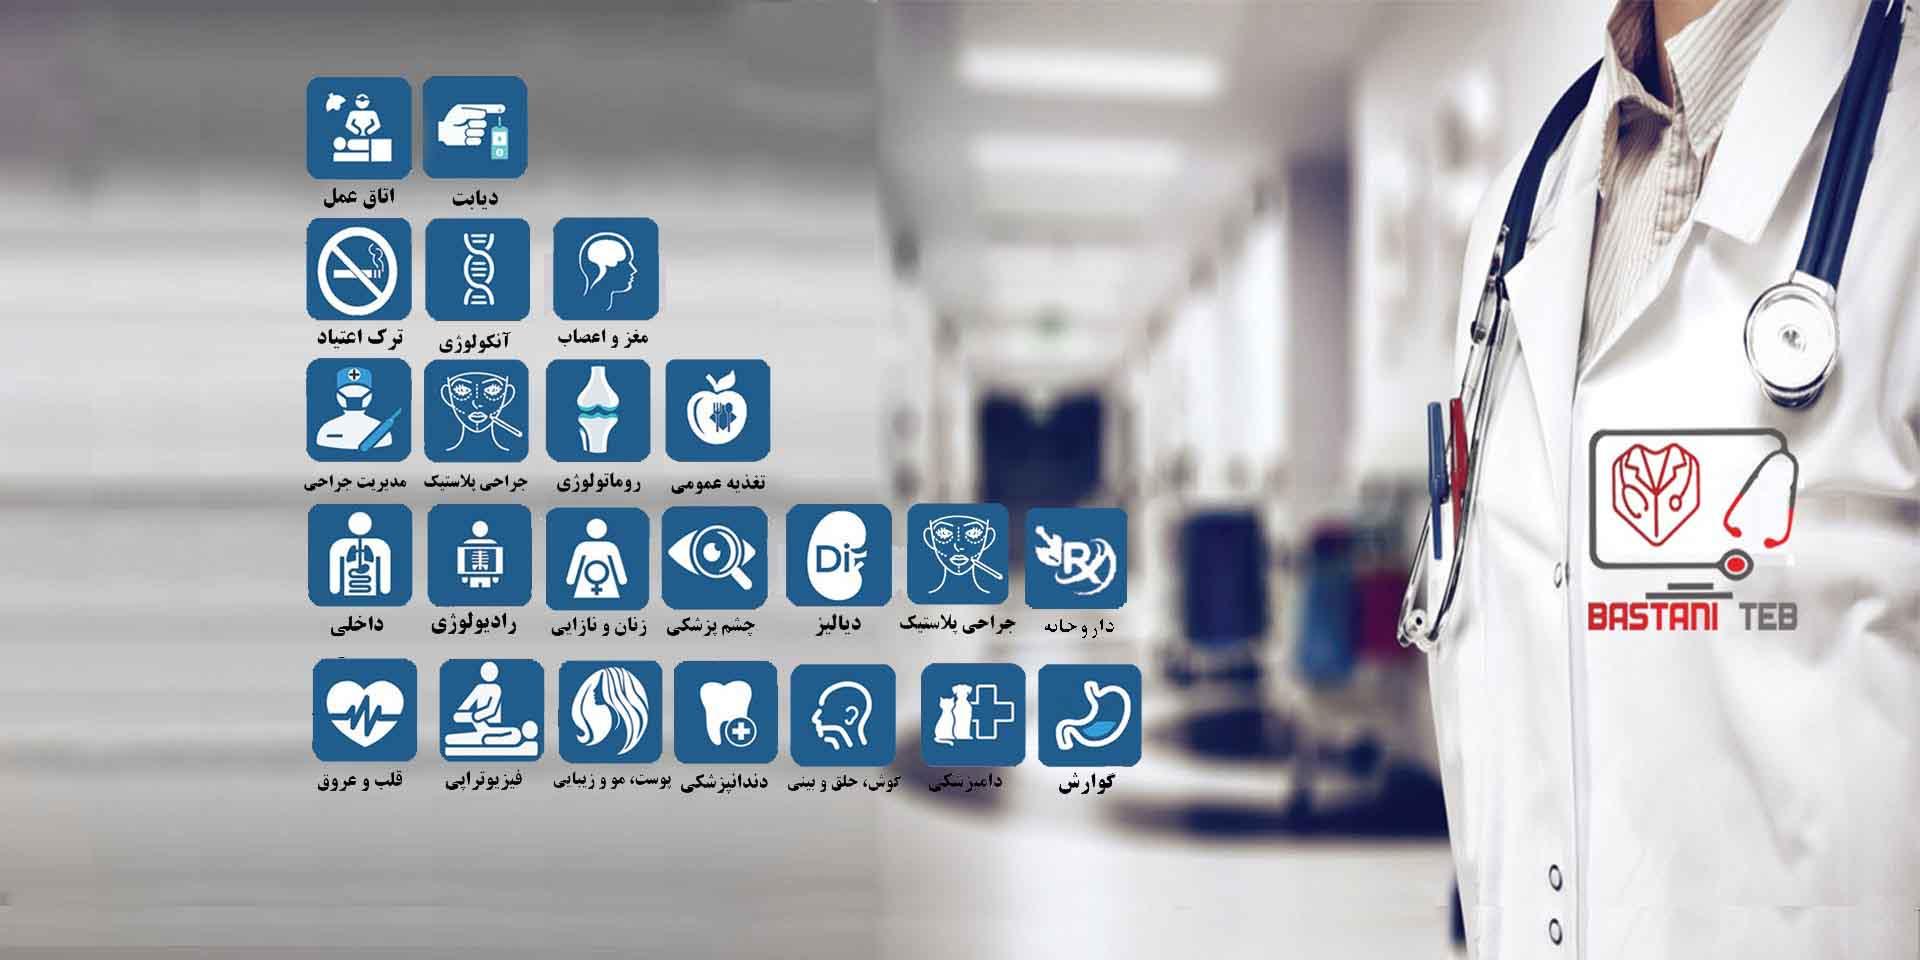 نرم افزار تخصصی پزشکی و درمانی